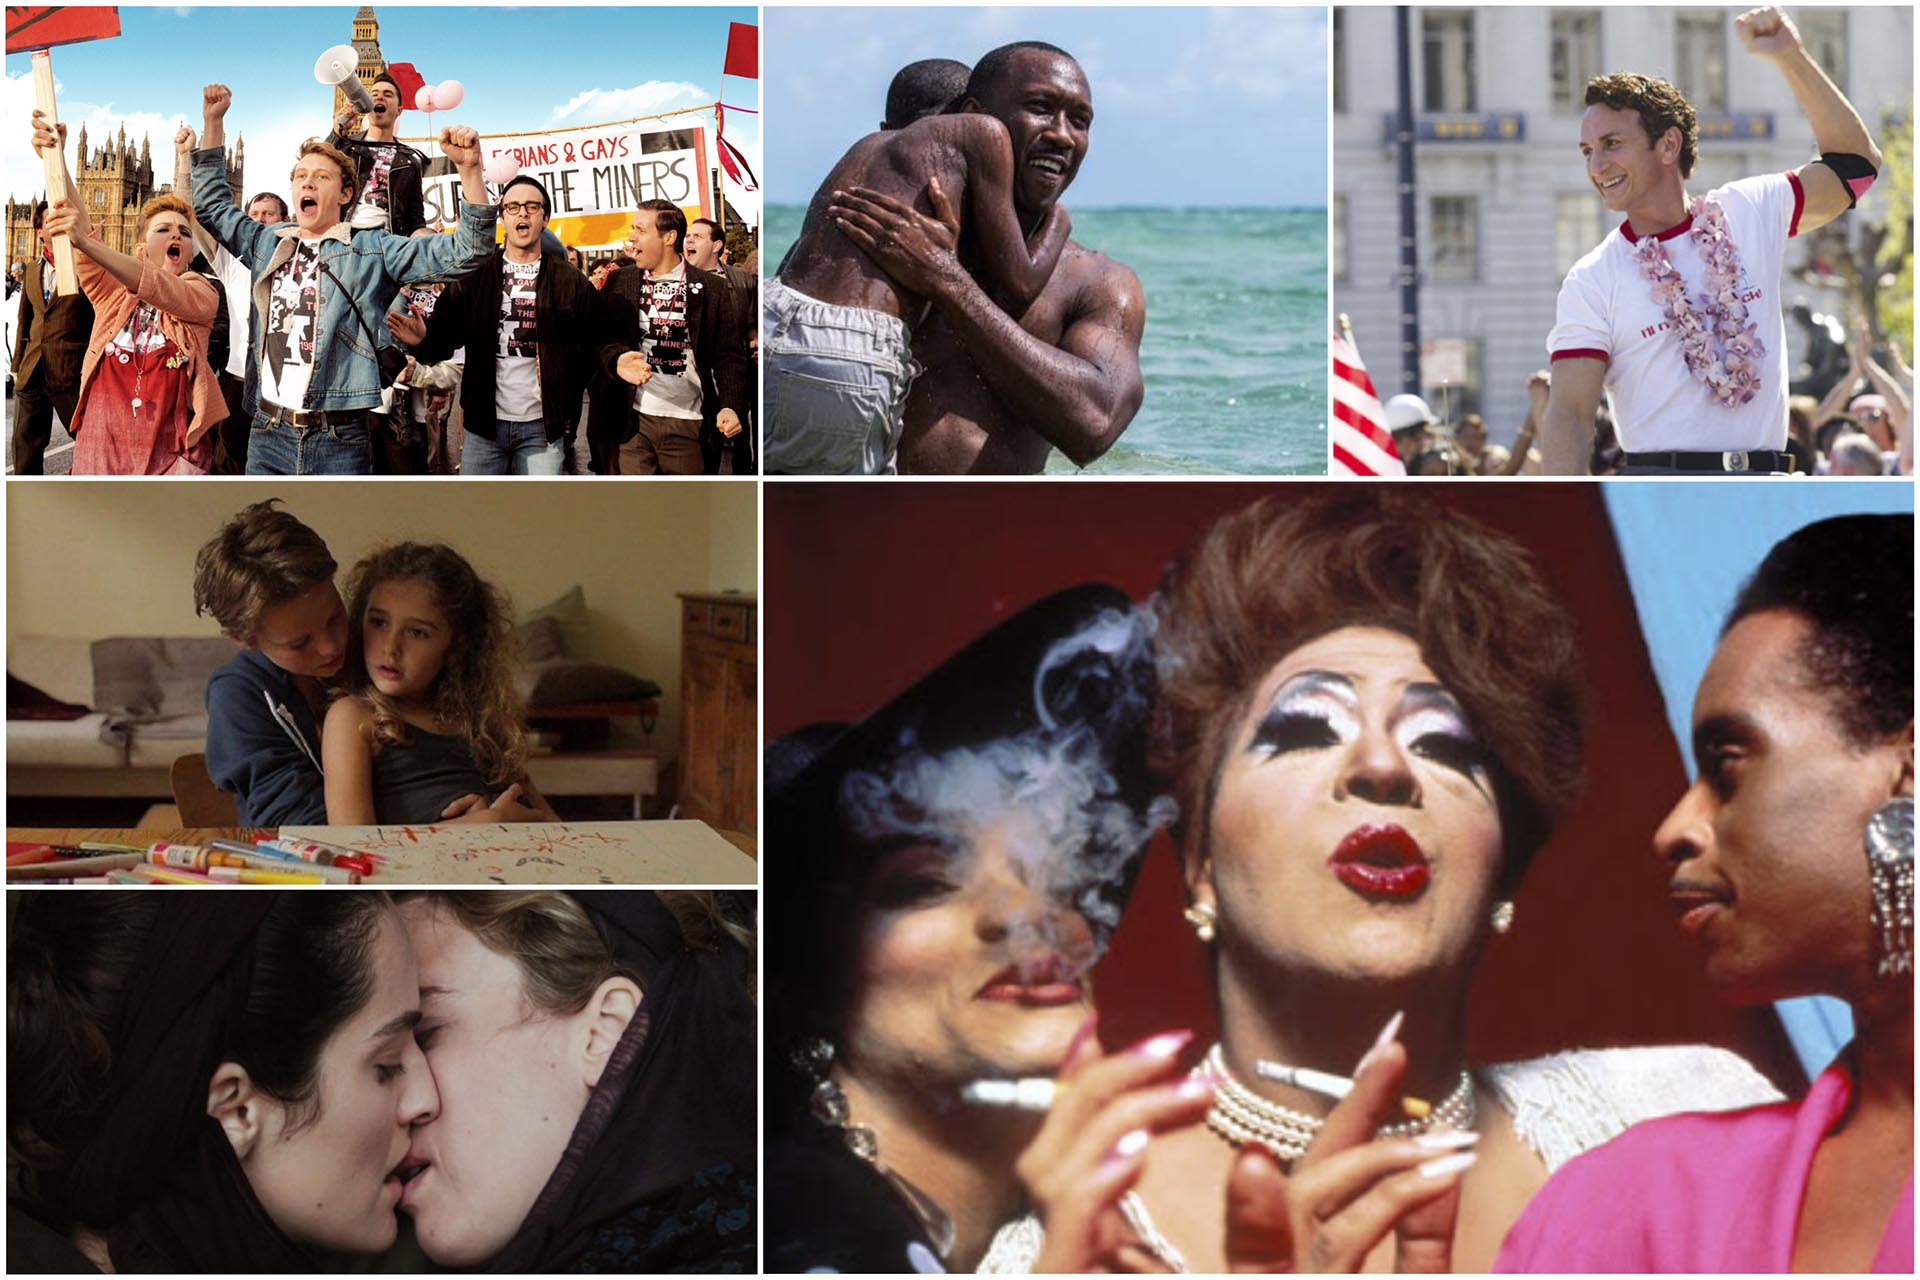 film a tema LGBTQ+